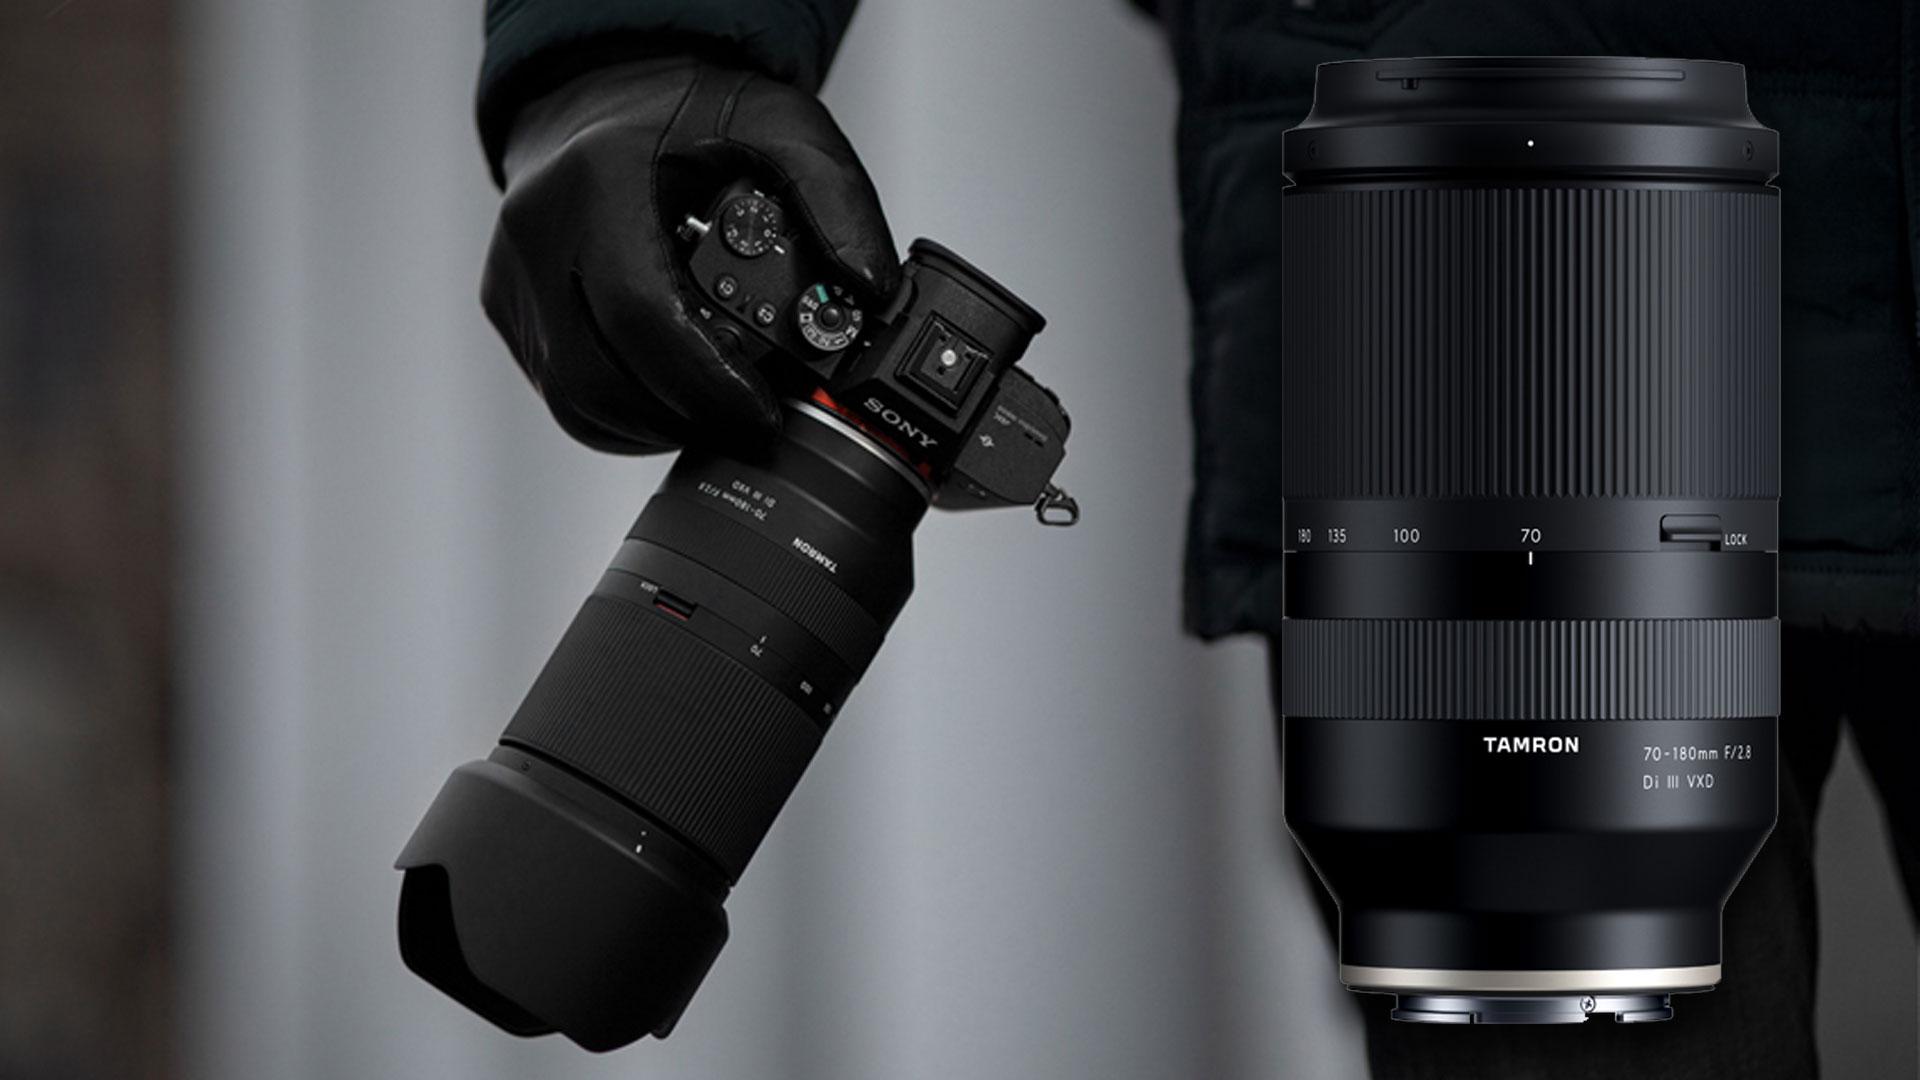 Tamron 70-180mm F/2.8 Di III VXD para Montura Sony E anunciado oficialmente